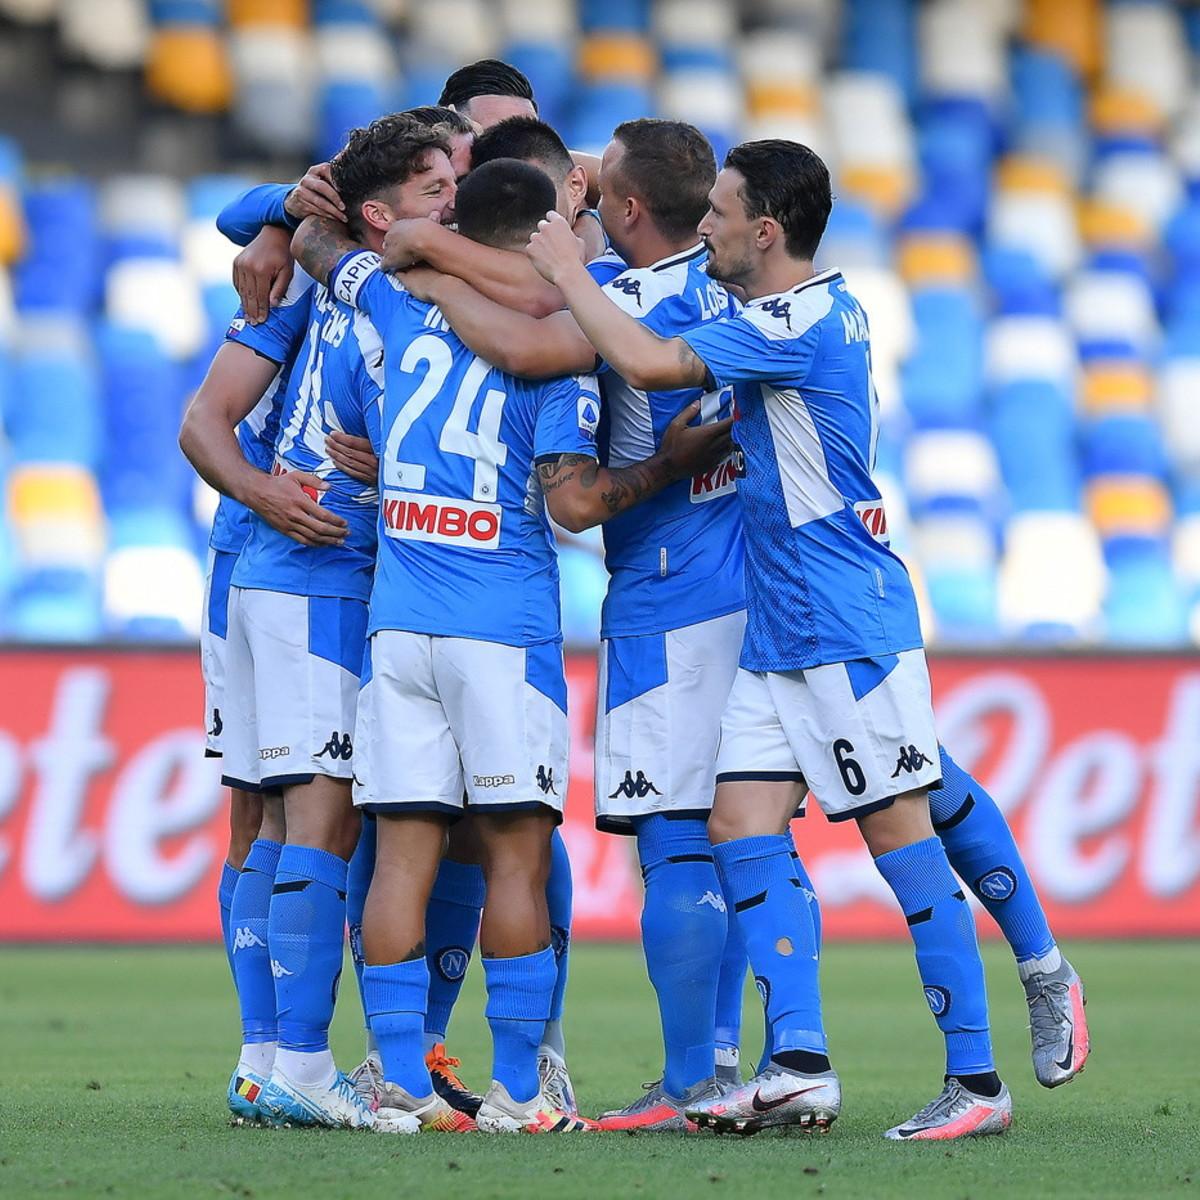 Serie A, Napoli-Spal 3-1: Mertens e Callejon super, la Roma è più vicina